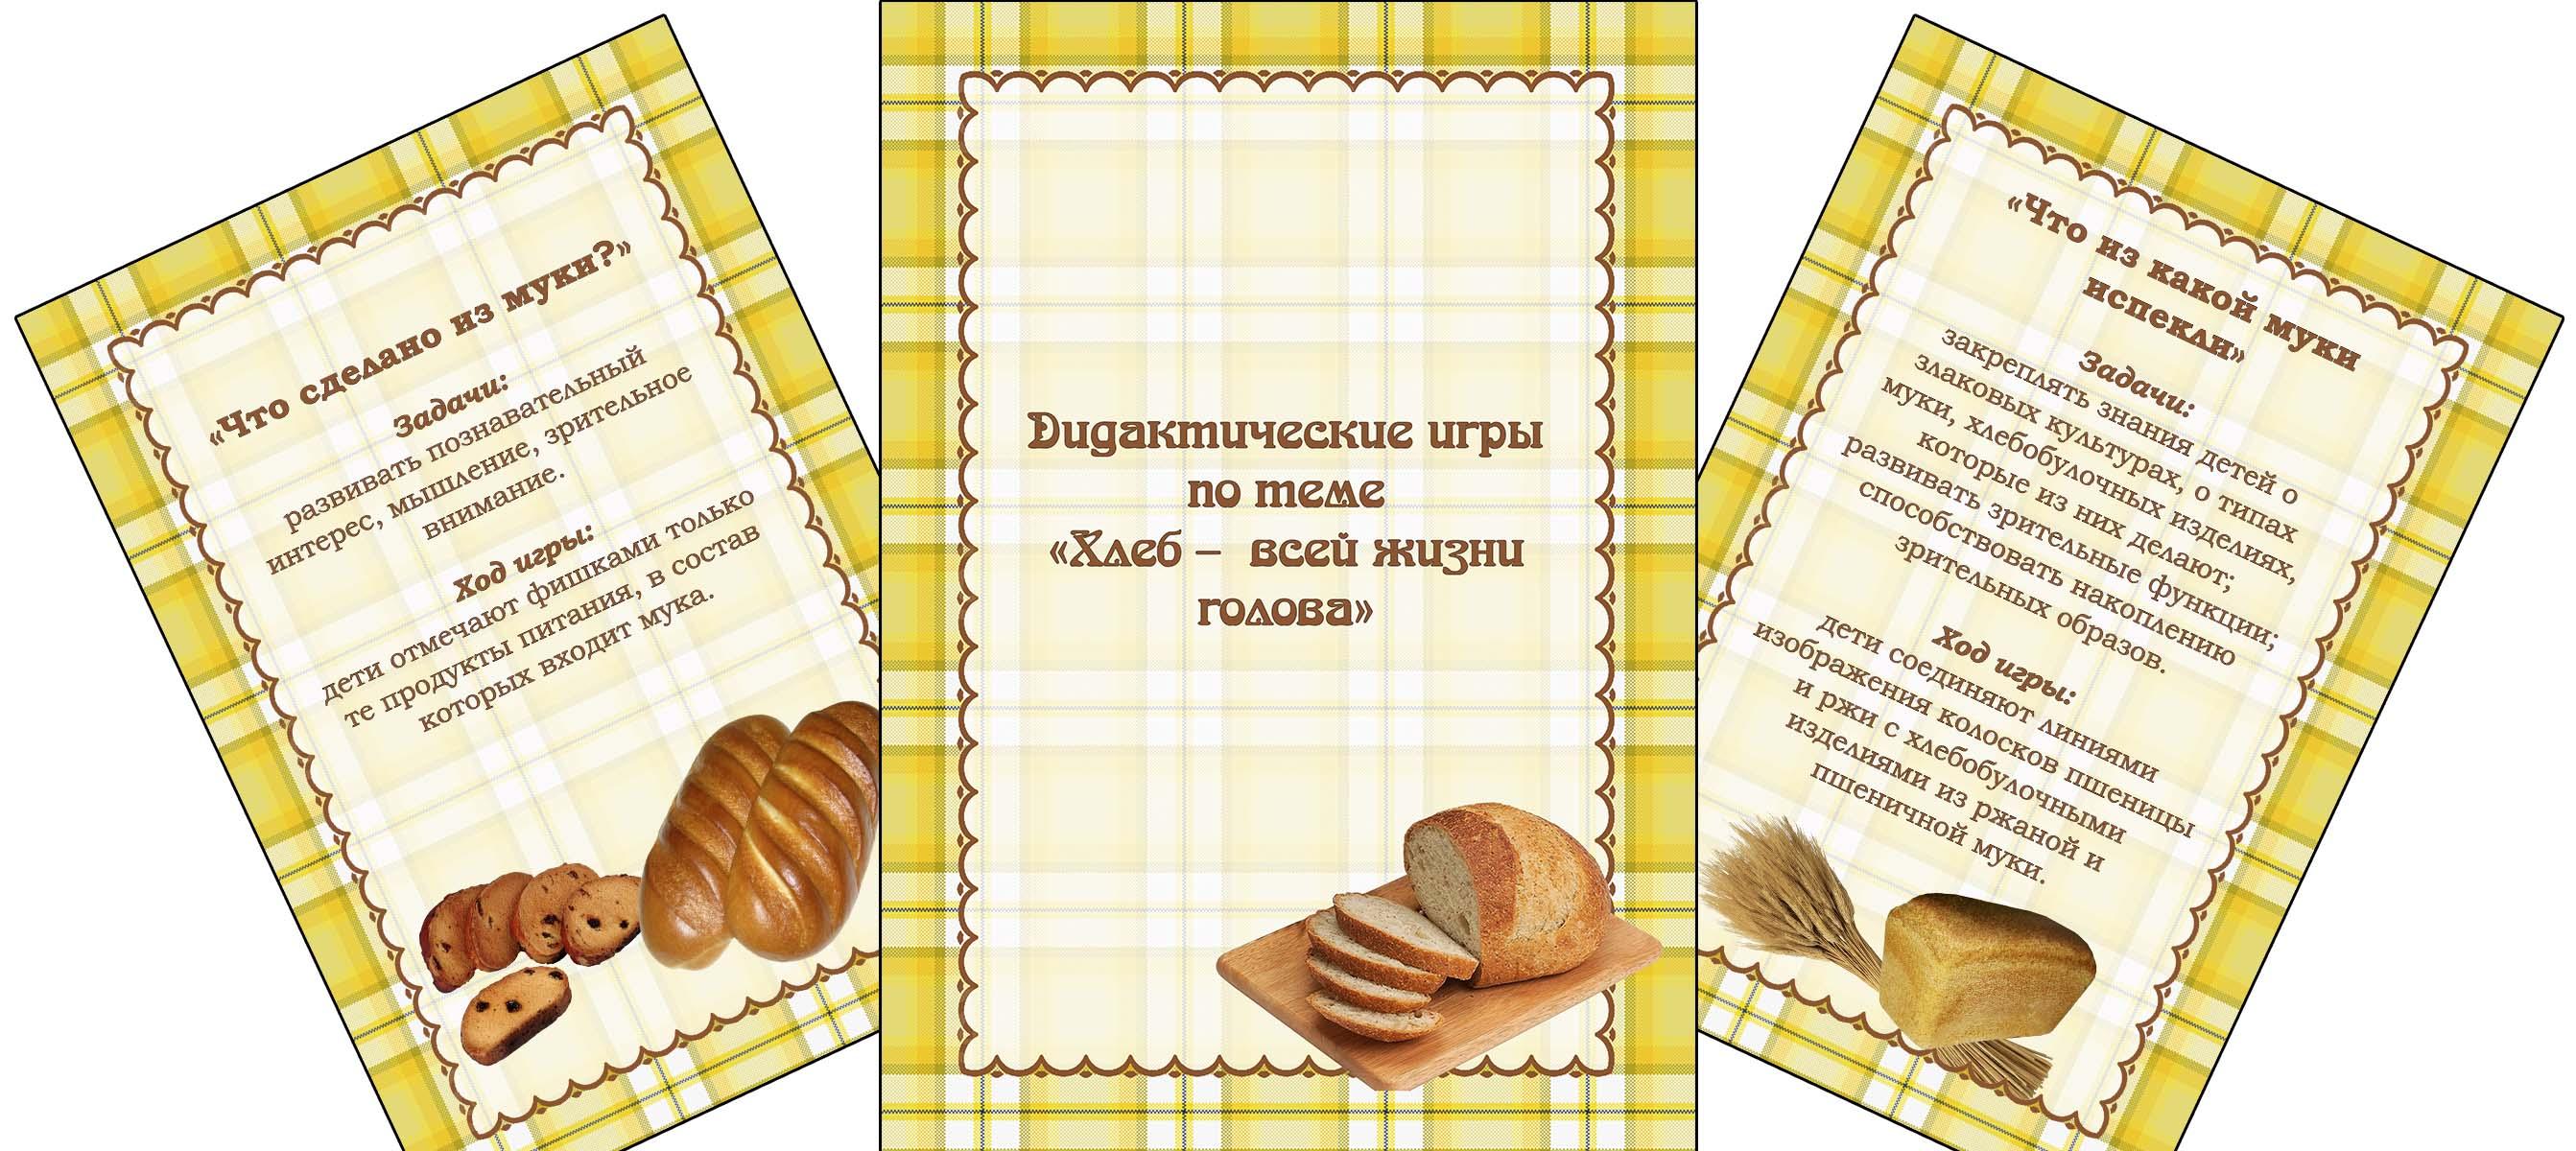 КАРТОТЕКА ДИДАКТИЧЕСКИХ ИГР ХЛЕБ ВСЕЙ ЖИЗНИ ГОЛОВА СКАЧАТЬ БЕСПЛАТНО